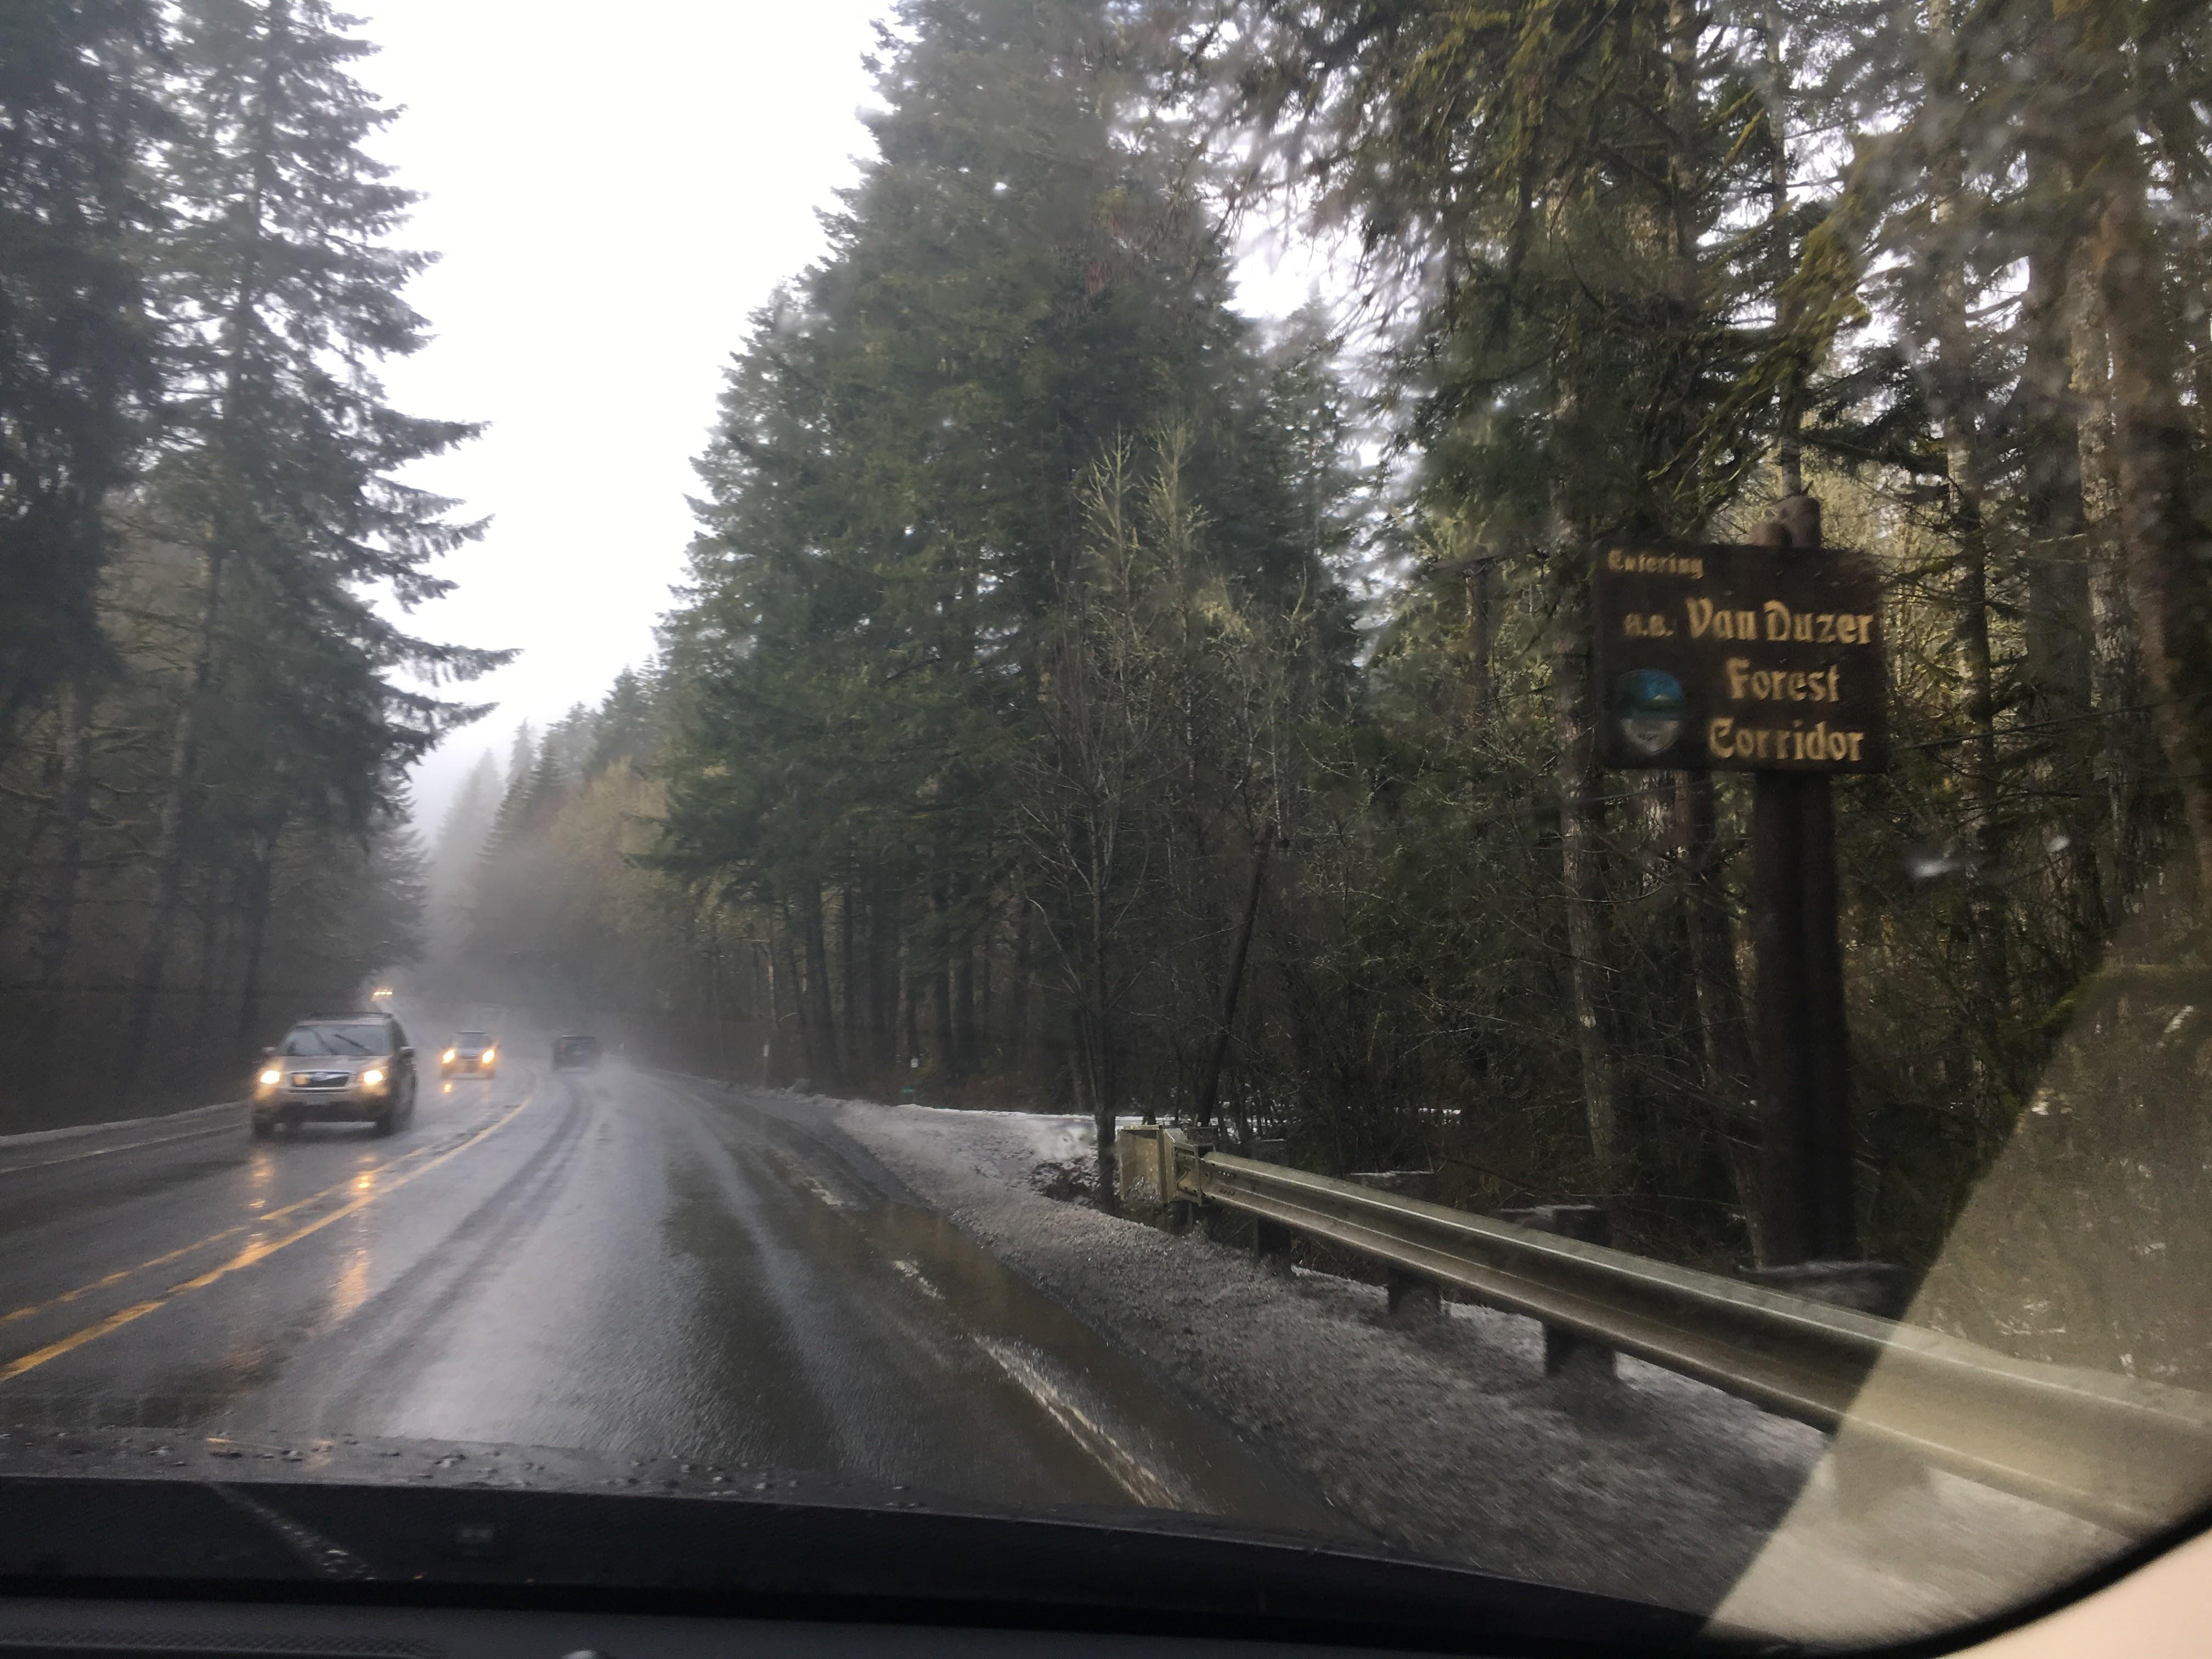 Van Duzer Forest Corridor, OR.